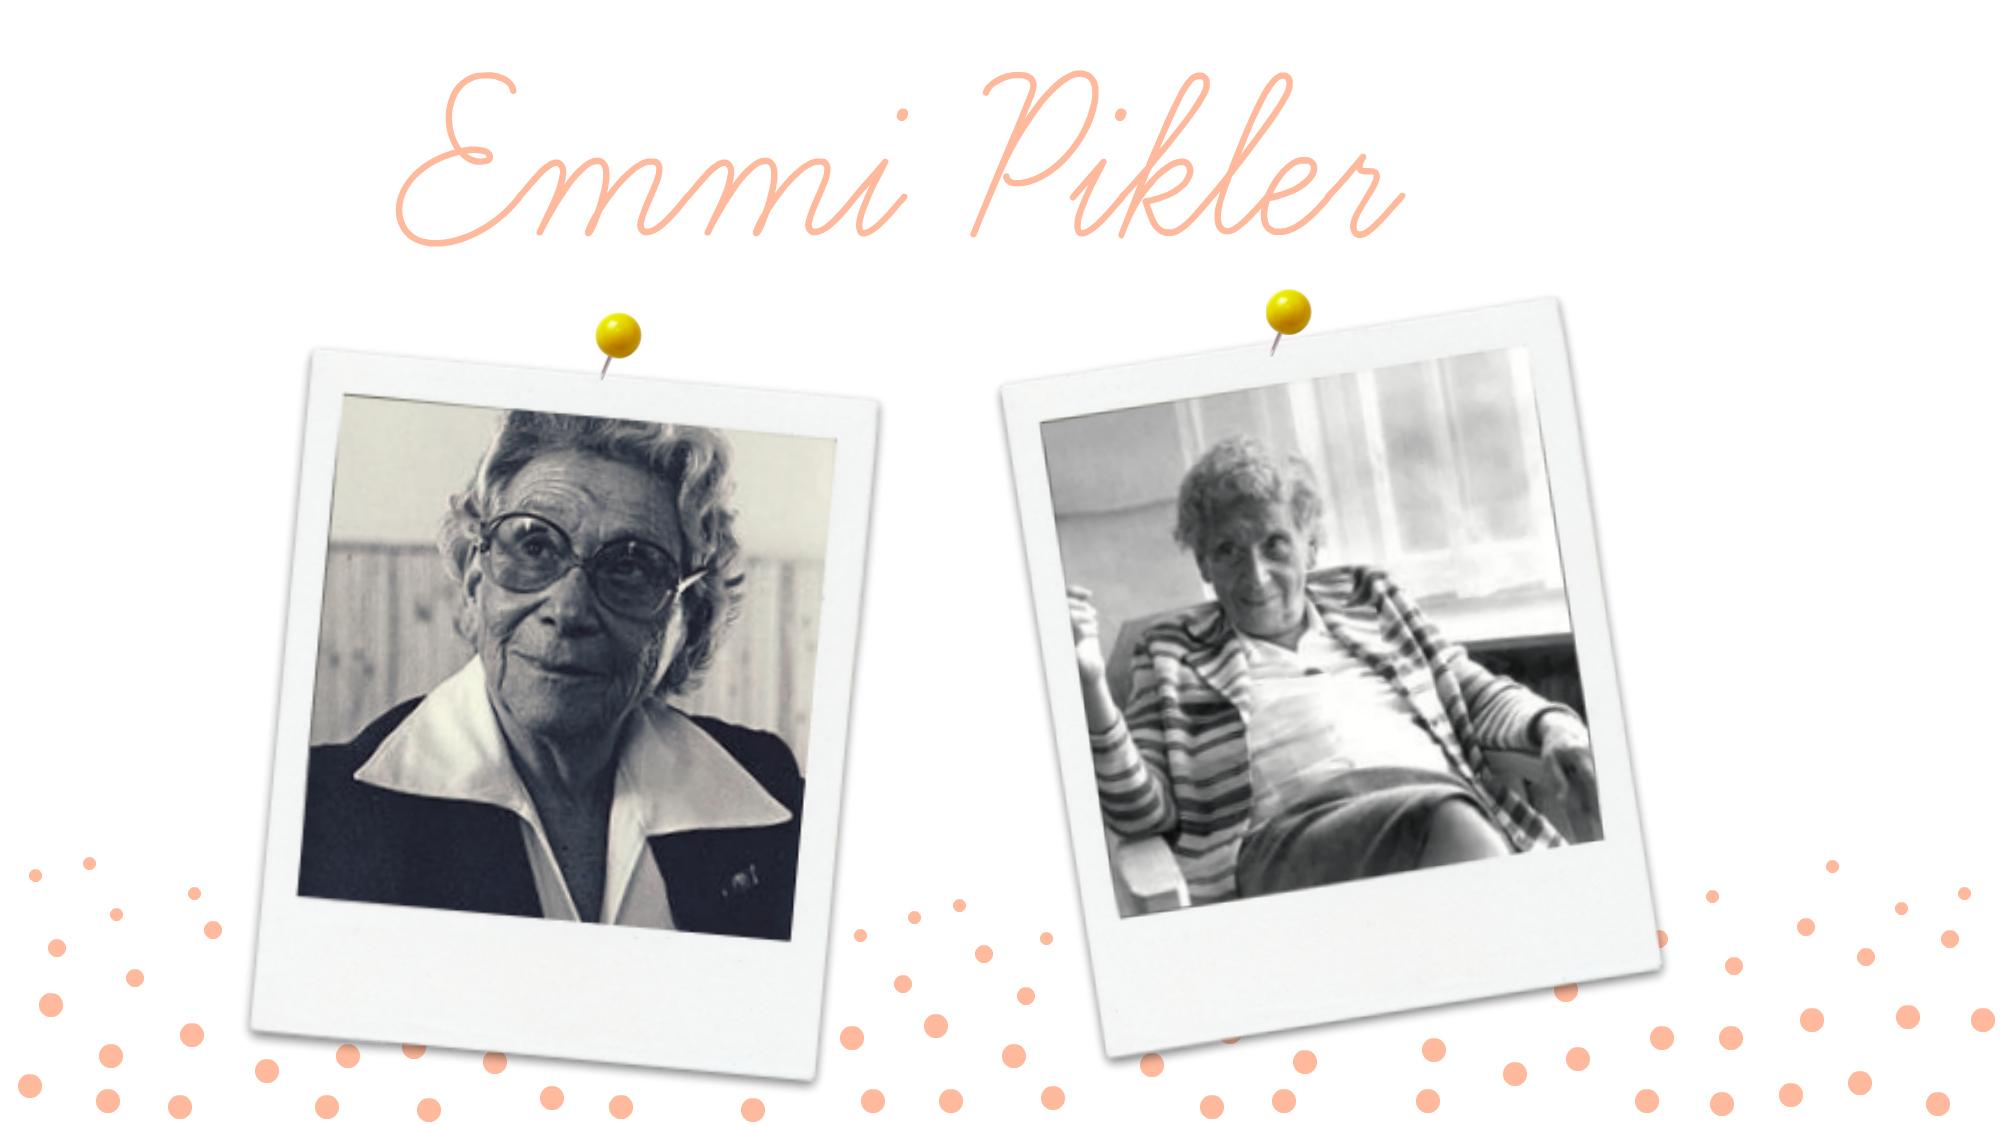 Emmi Pikler   Steek en verzamelspel   Emmi pikler, Spiele